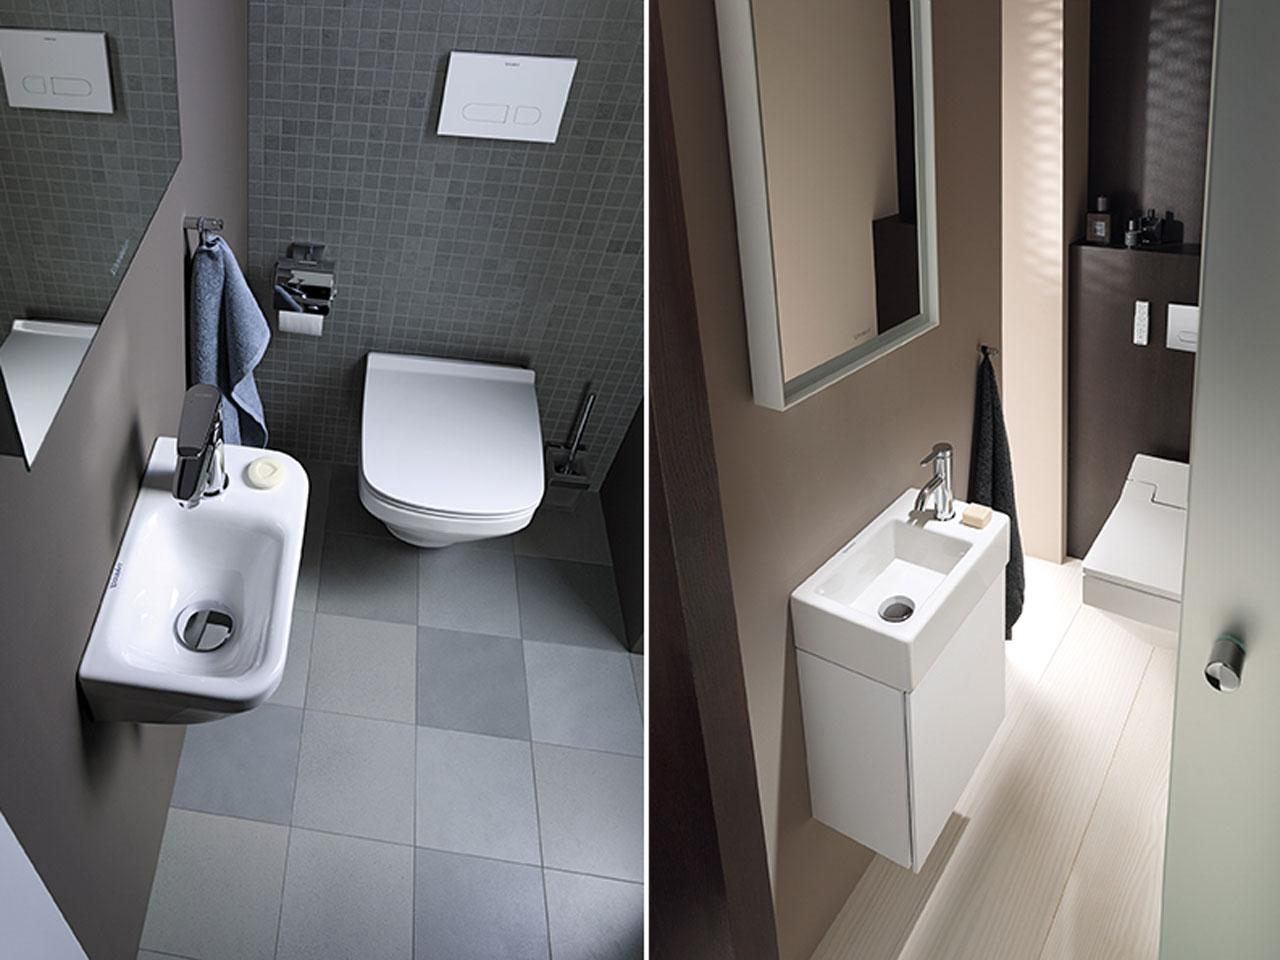 Bagnoidea prodotti e tendenze per arredare il bagno for Termoarredo bagno piccolo